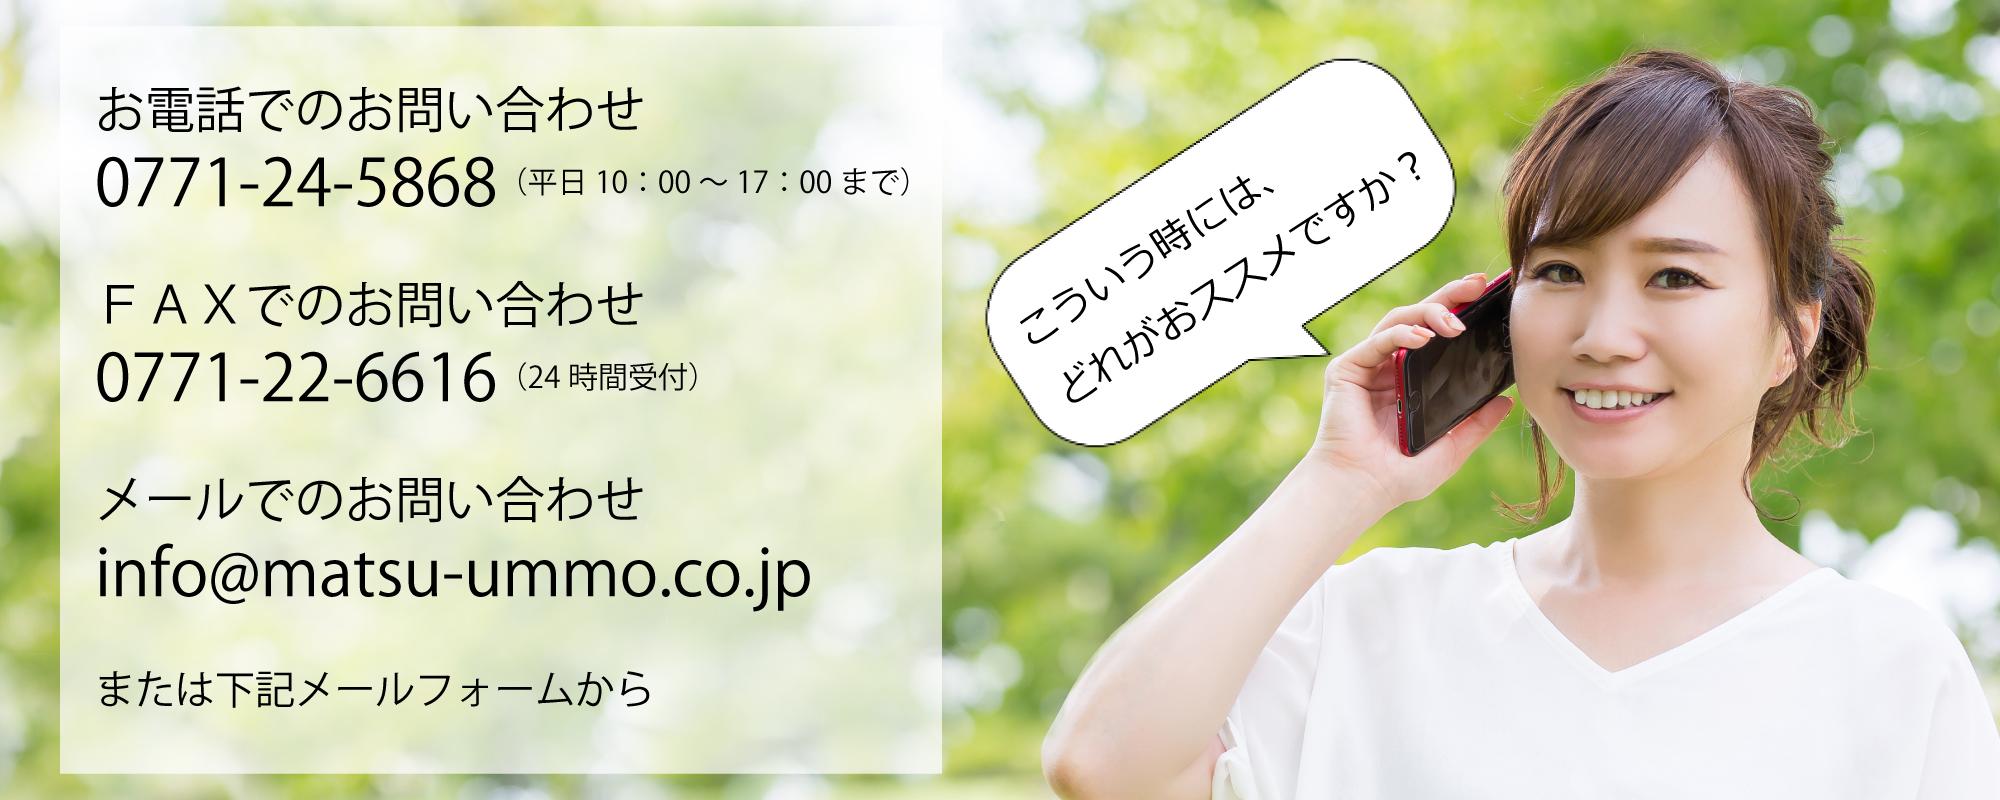 松本羽毛合同会社へのお問い合わせ